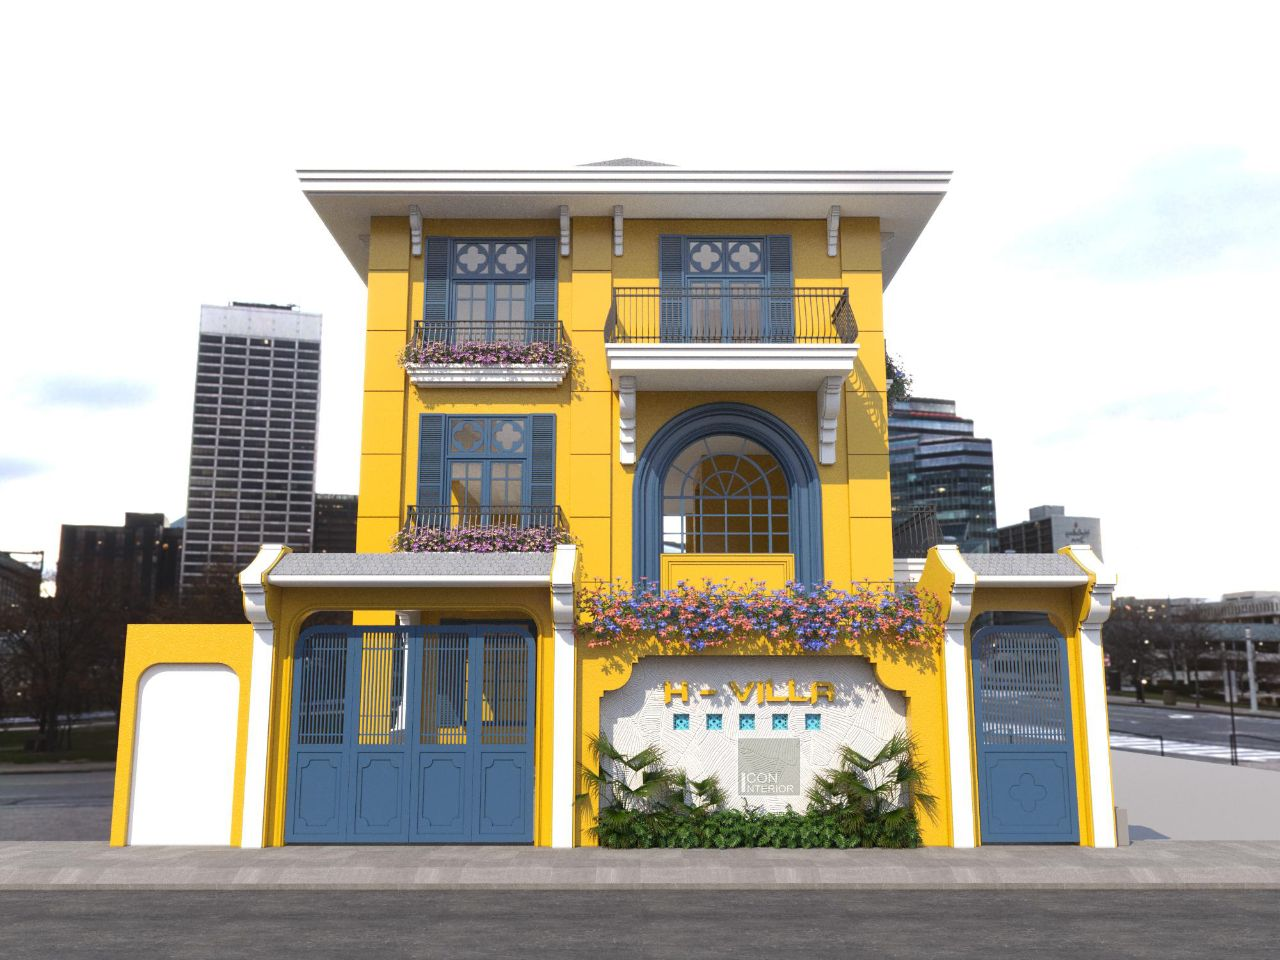 Thiết kế nội thất biệt thự Phú Mỹ Hưng 650m2 Ms. Hoa phong cách Indochine